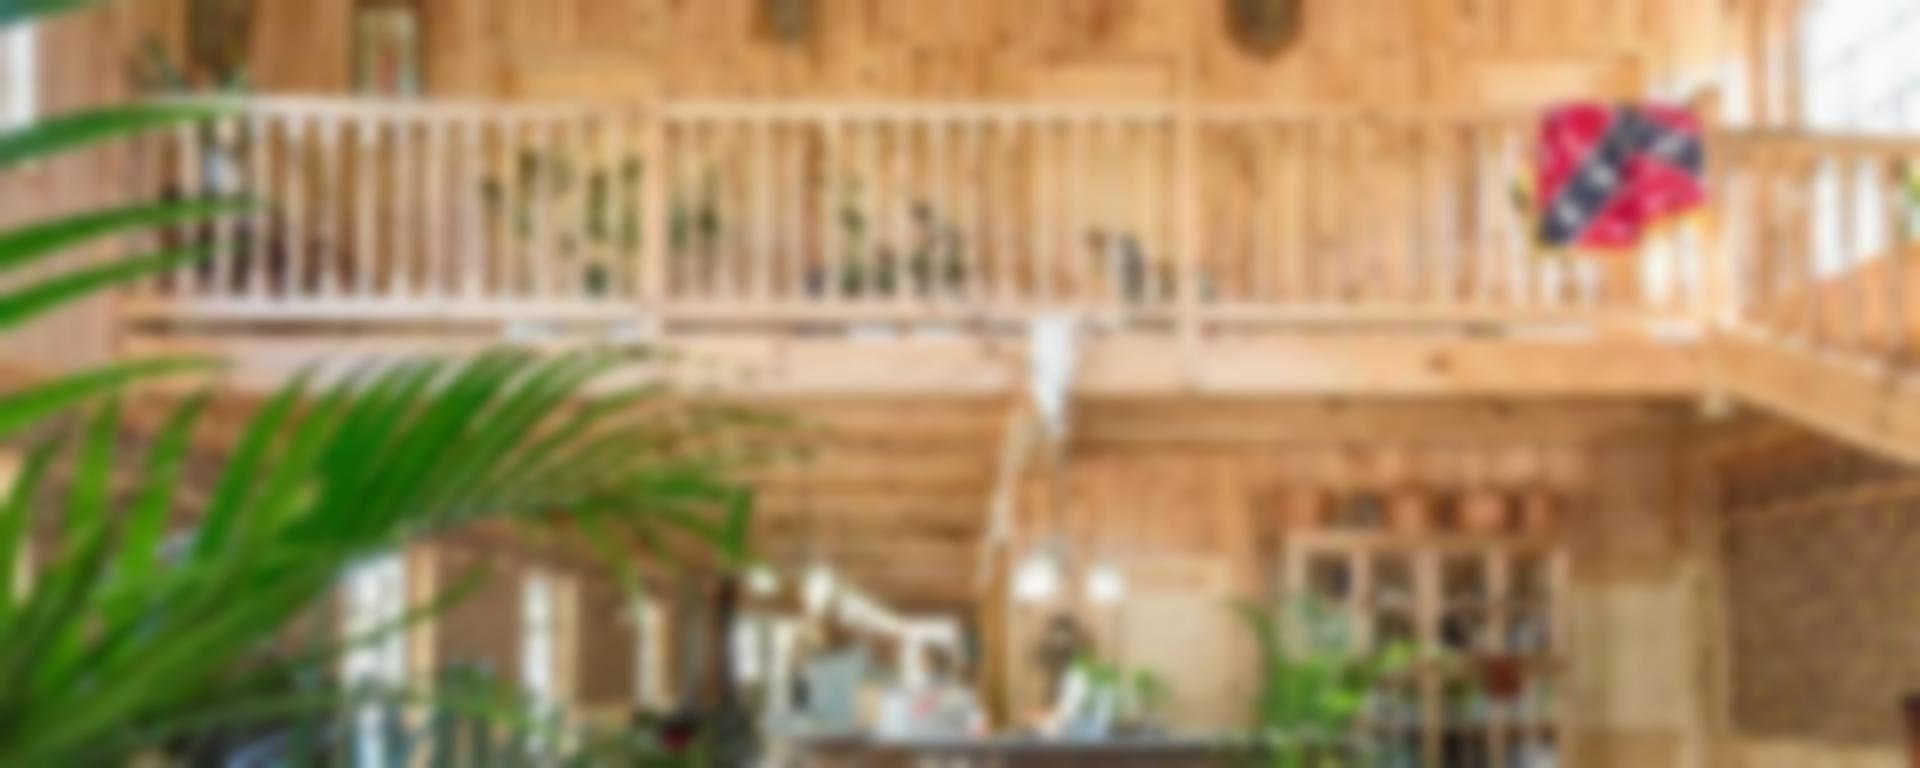 Salle De Bain Bungalow ~ tente 2 chambres 0 salle de bain bungalow toile bengali